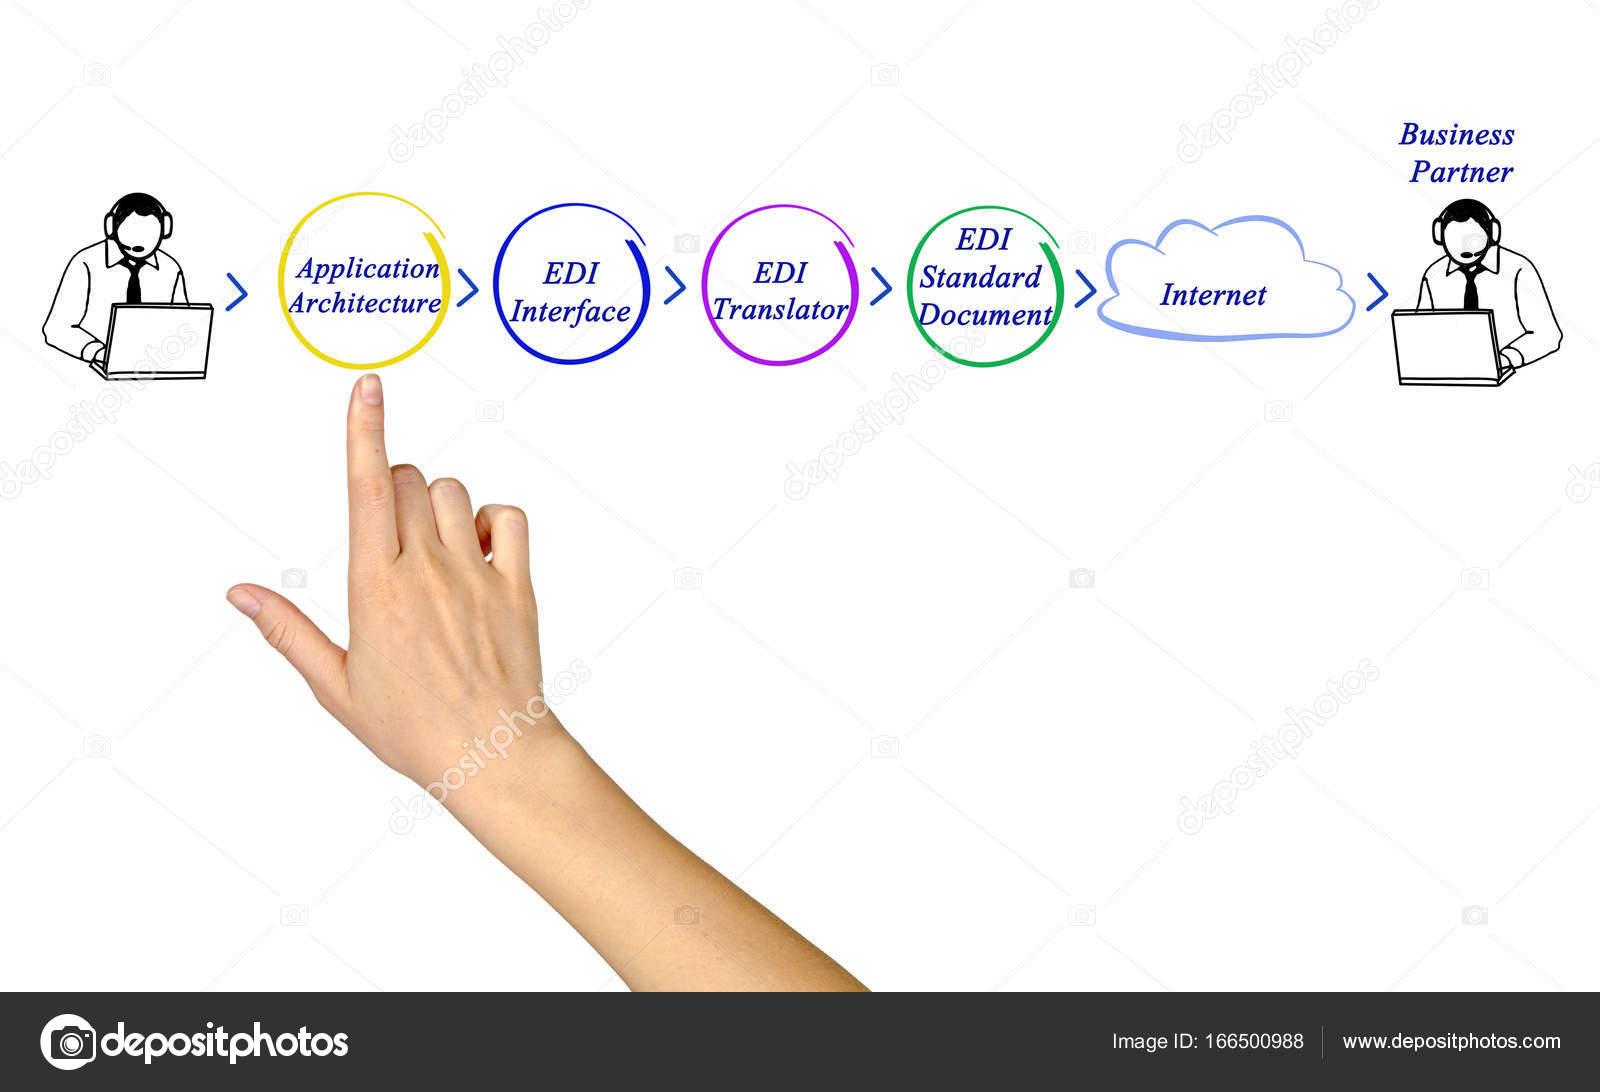 Presenting diagram of EDI Application Architecture — Stock